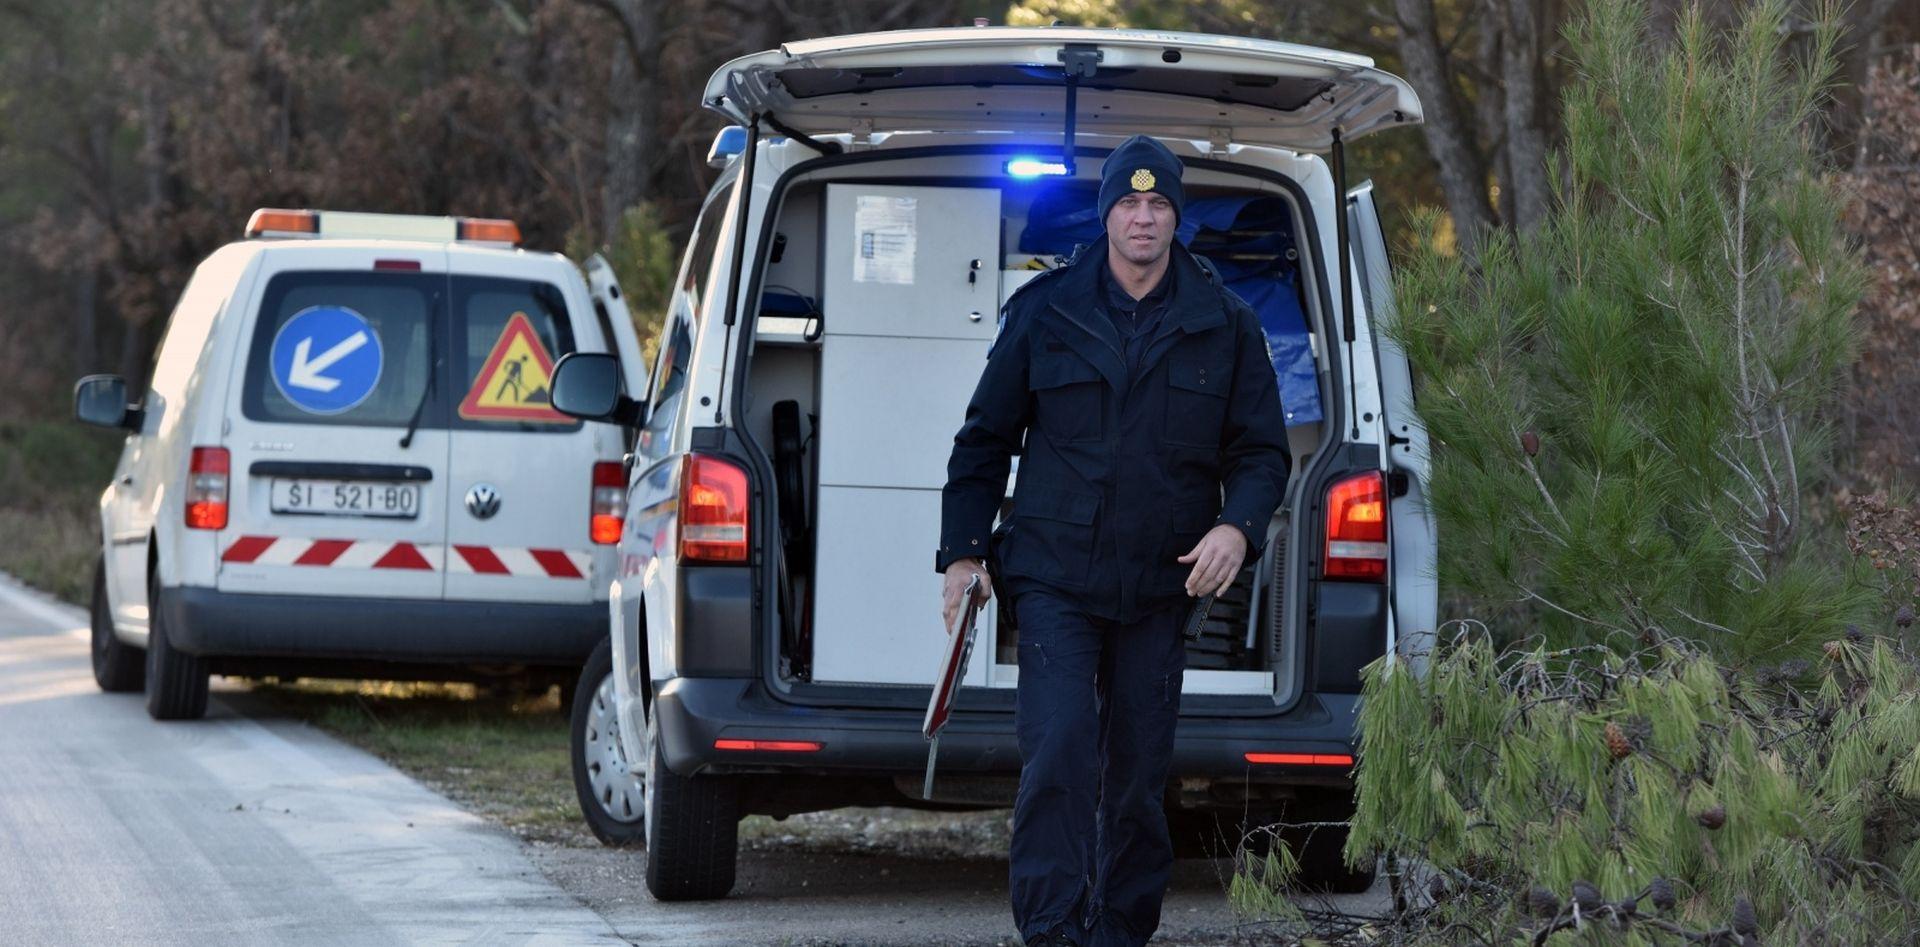 POLICIJA TRAŽI POMOĆ Autom udario staricu i pobjegao